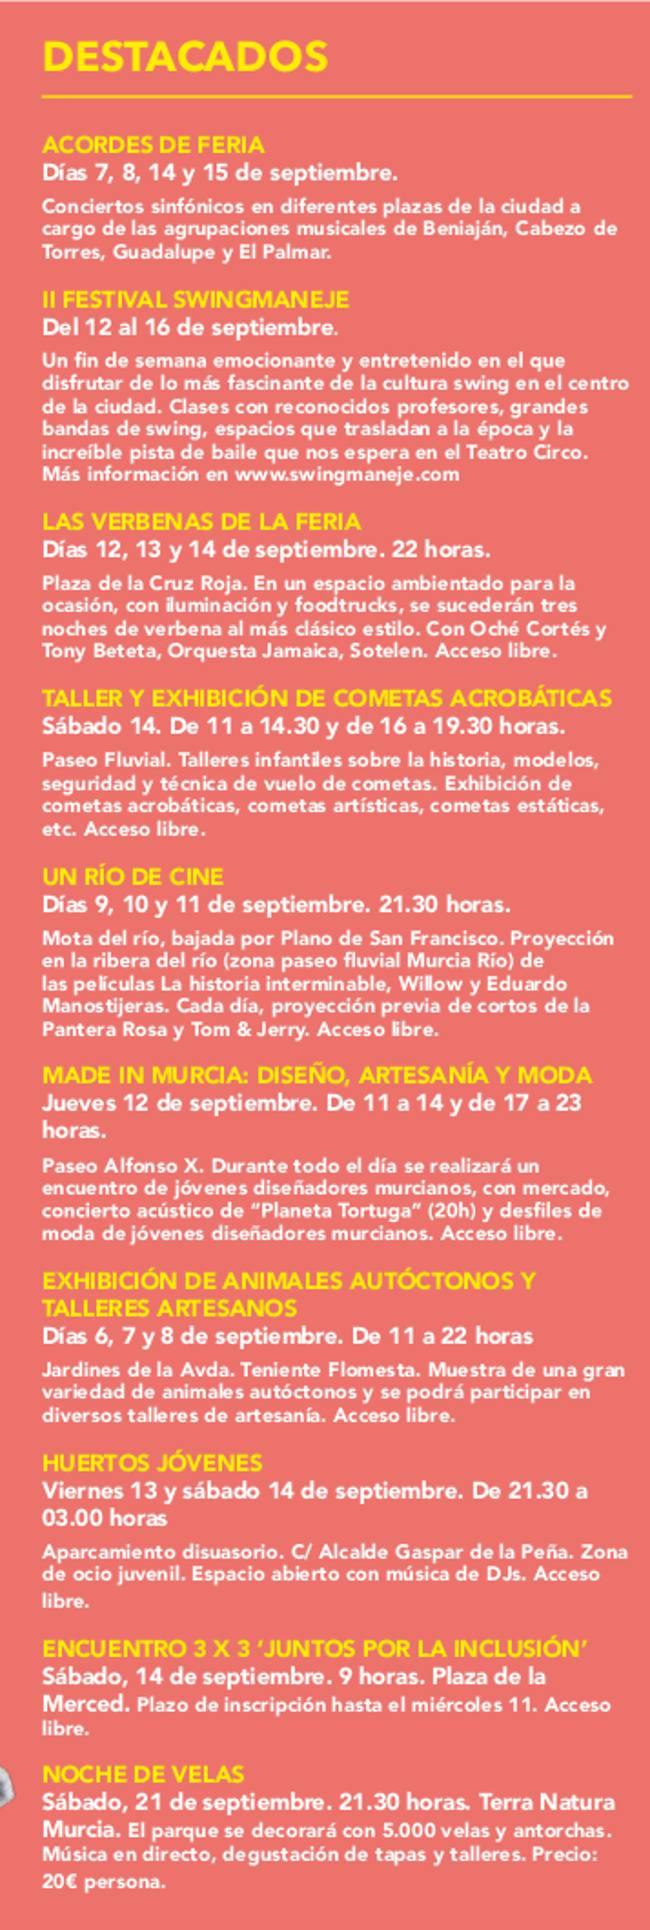 programa-feria-septiembre-murcia-2019-05.jpg